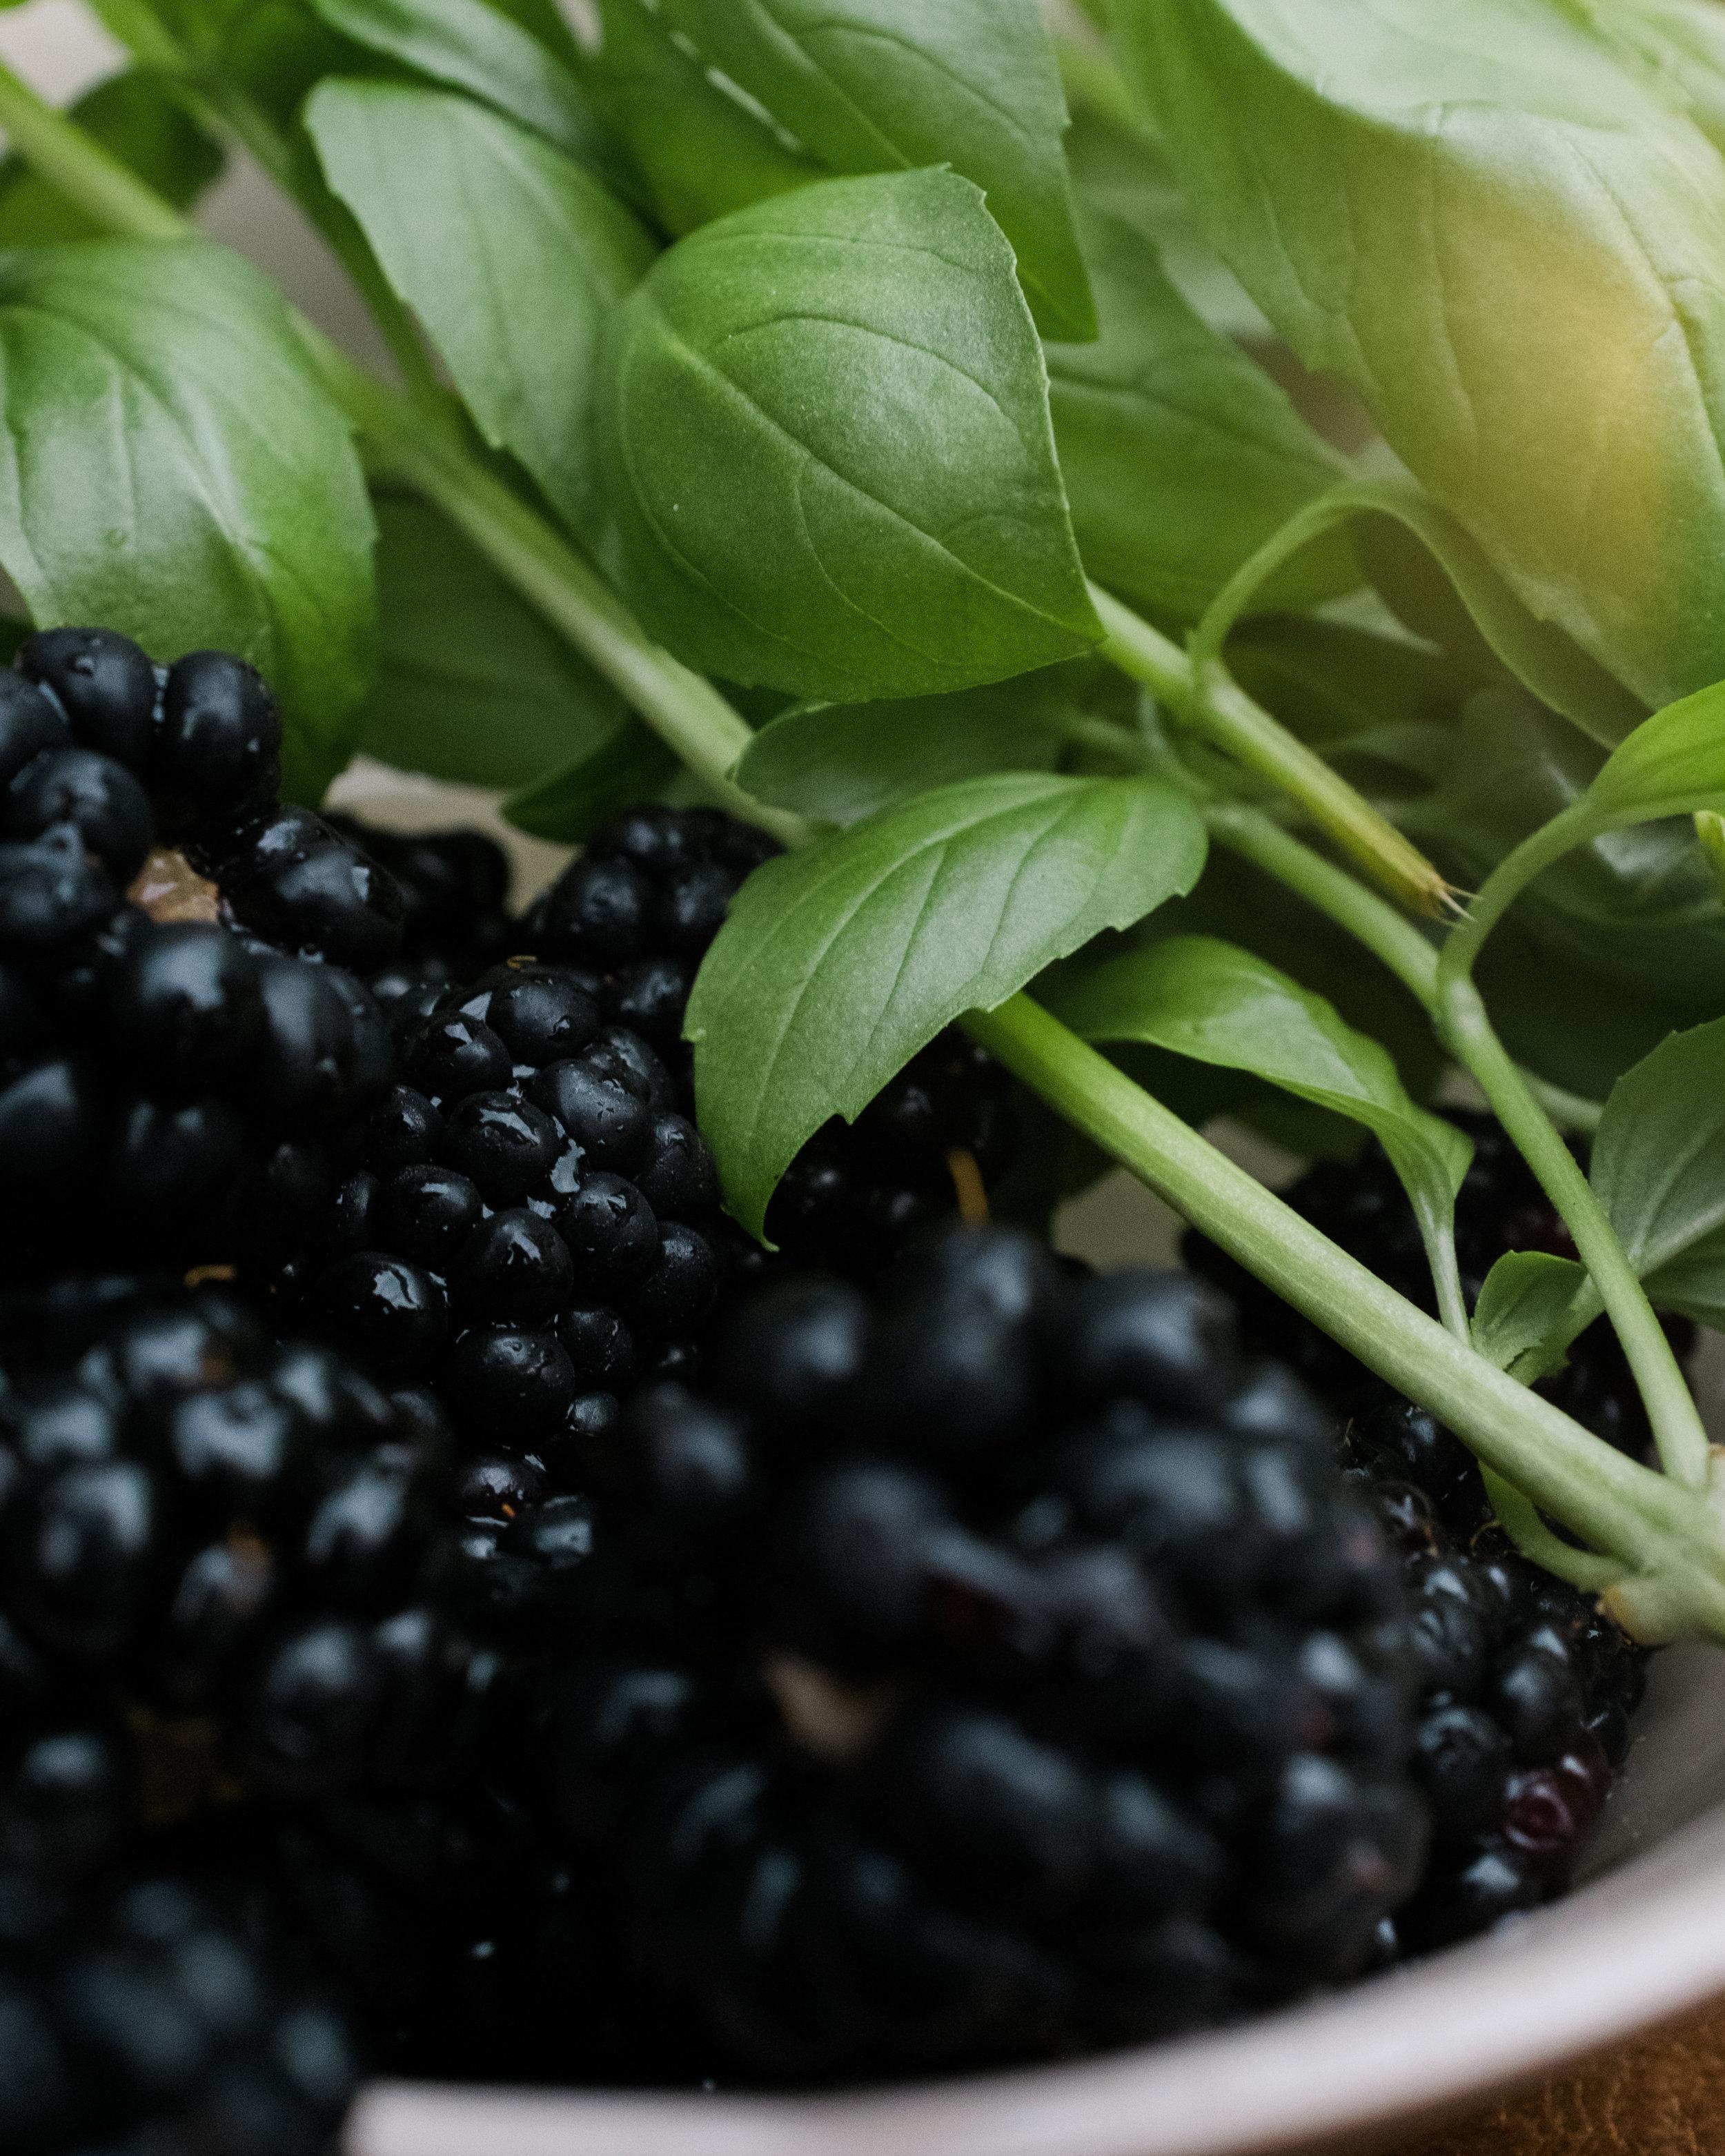 rose-blackberry-8.jpg